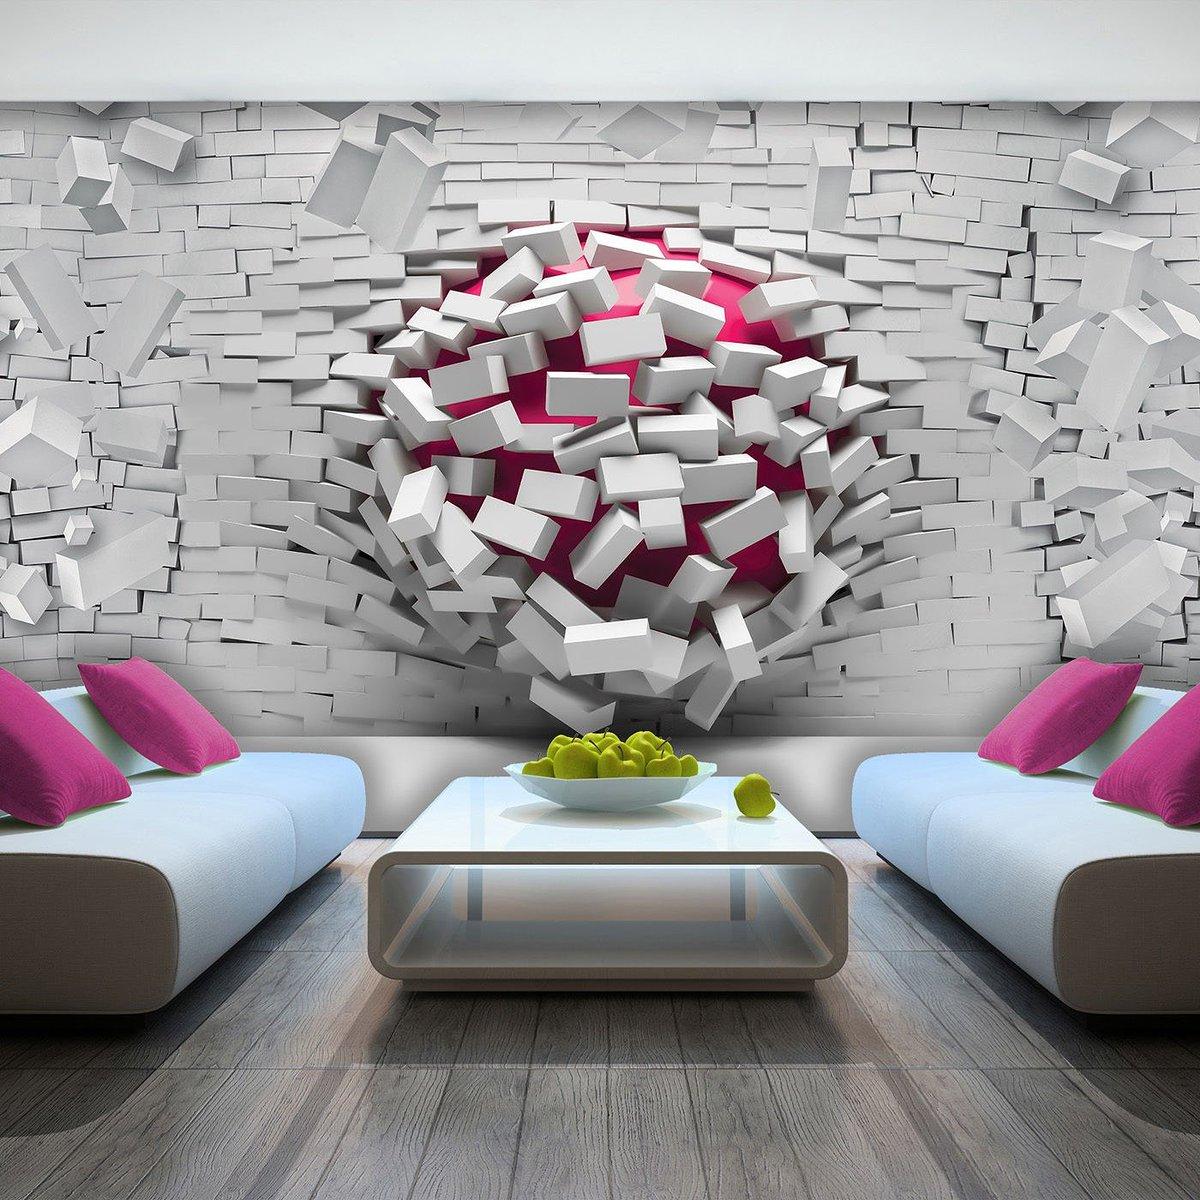 صورة ورق جدران ايكيا , تصاميم لورق الجدران الخاص ب(ايكيا )